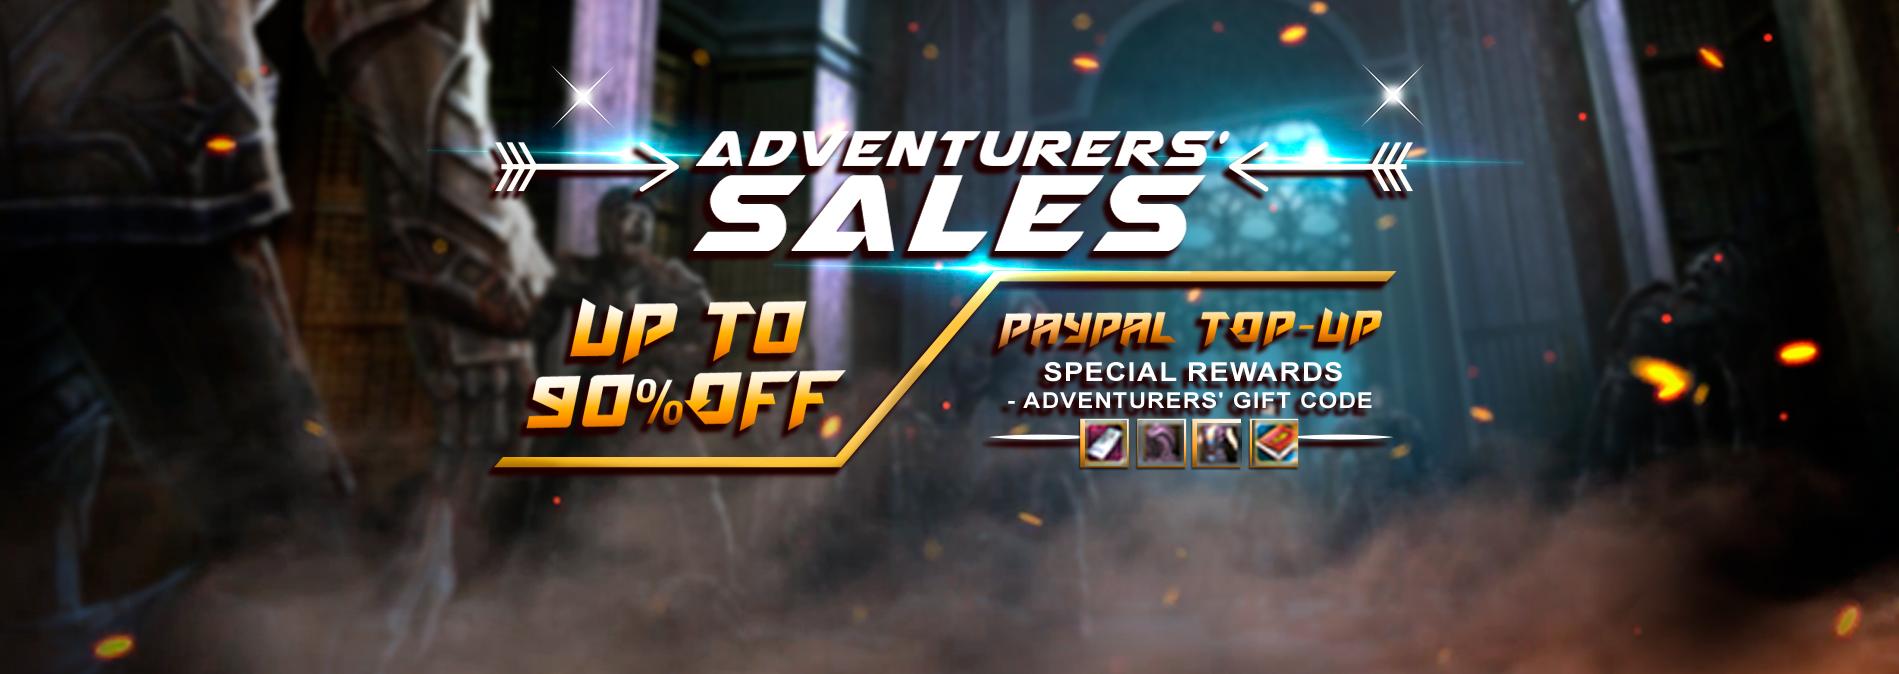 Adventurers' Sales!